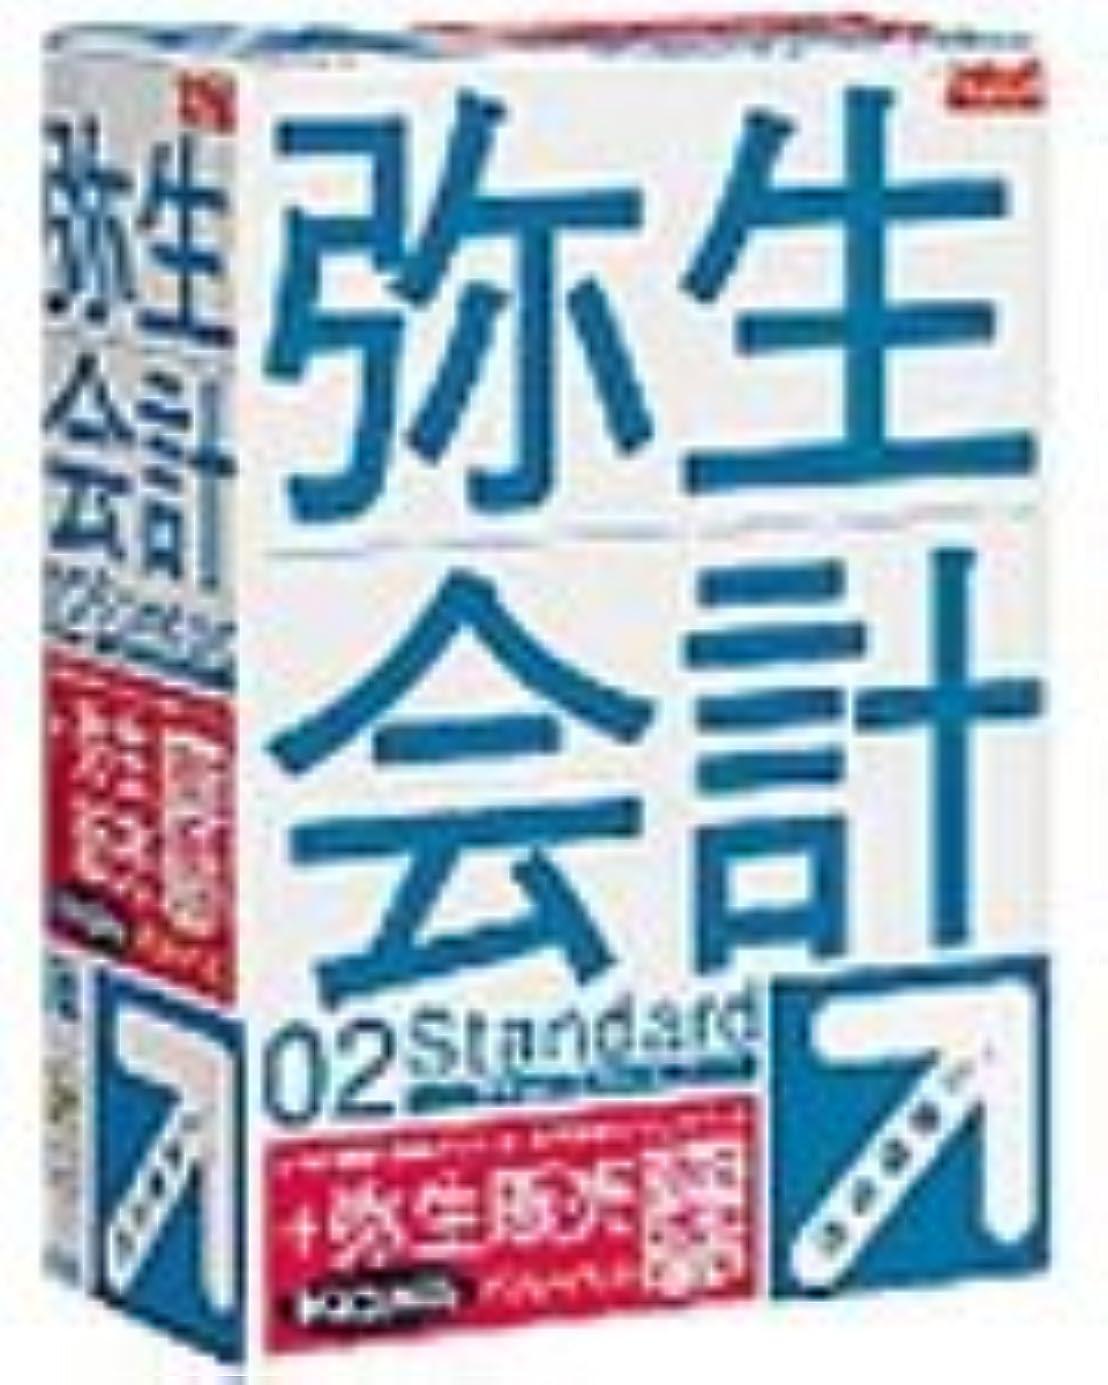 映画アブセイリーフレット【旧商品】弥生会計 02 Standard バリューパック